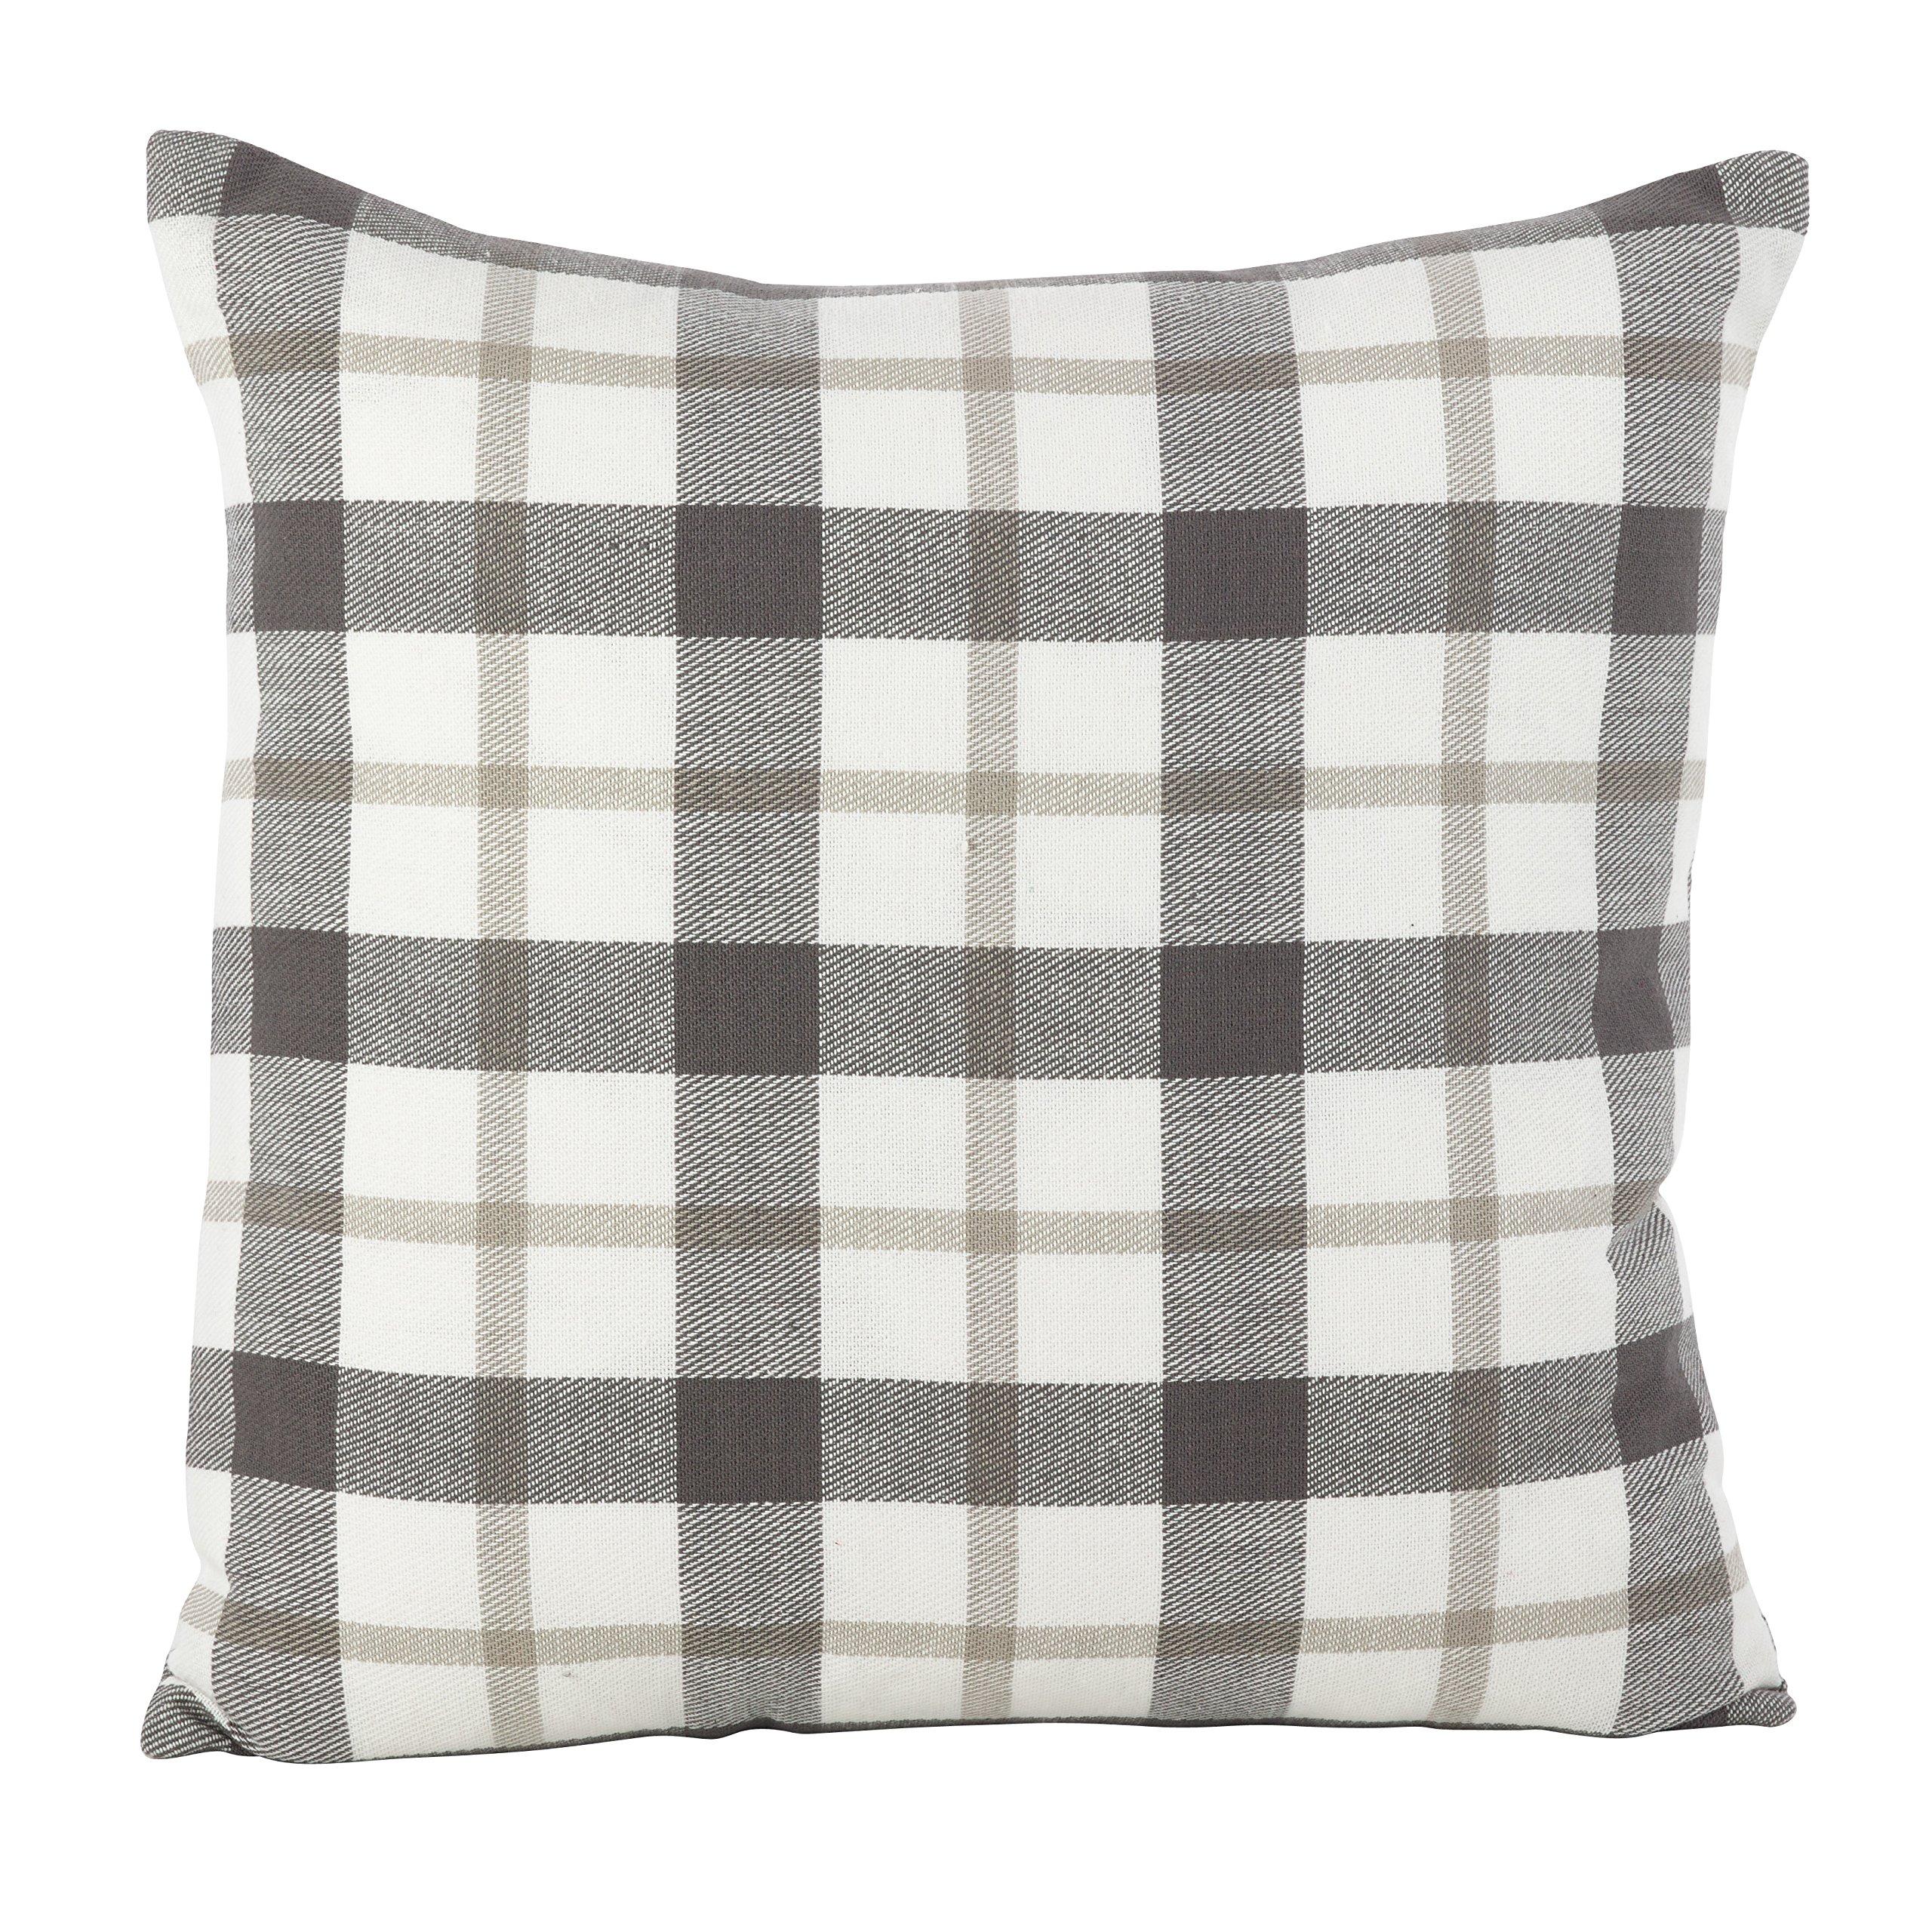 SARO LIFESTYLE Classic Plaid Pattern Cotton Down Filled Throw Pillow, 20'' x 20'', Grey